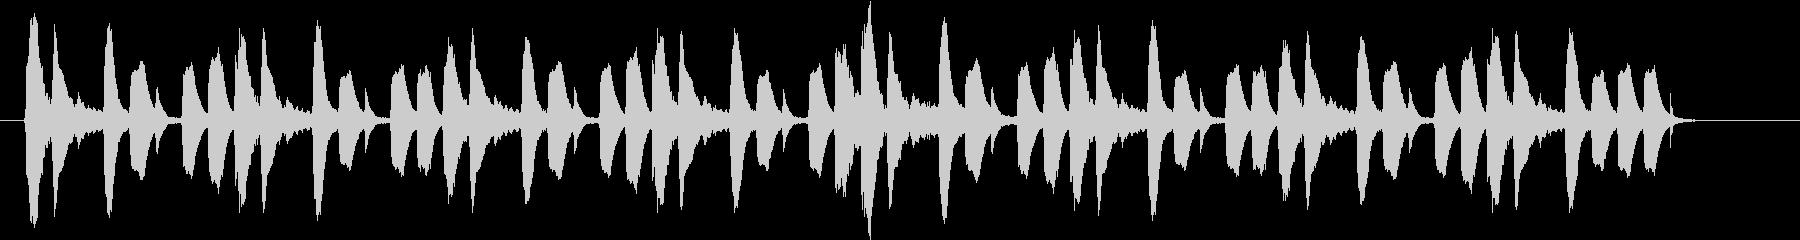 シンキングタイムなどに使えるシンプルな曲の未再生の波形